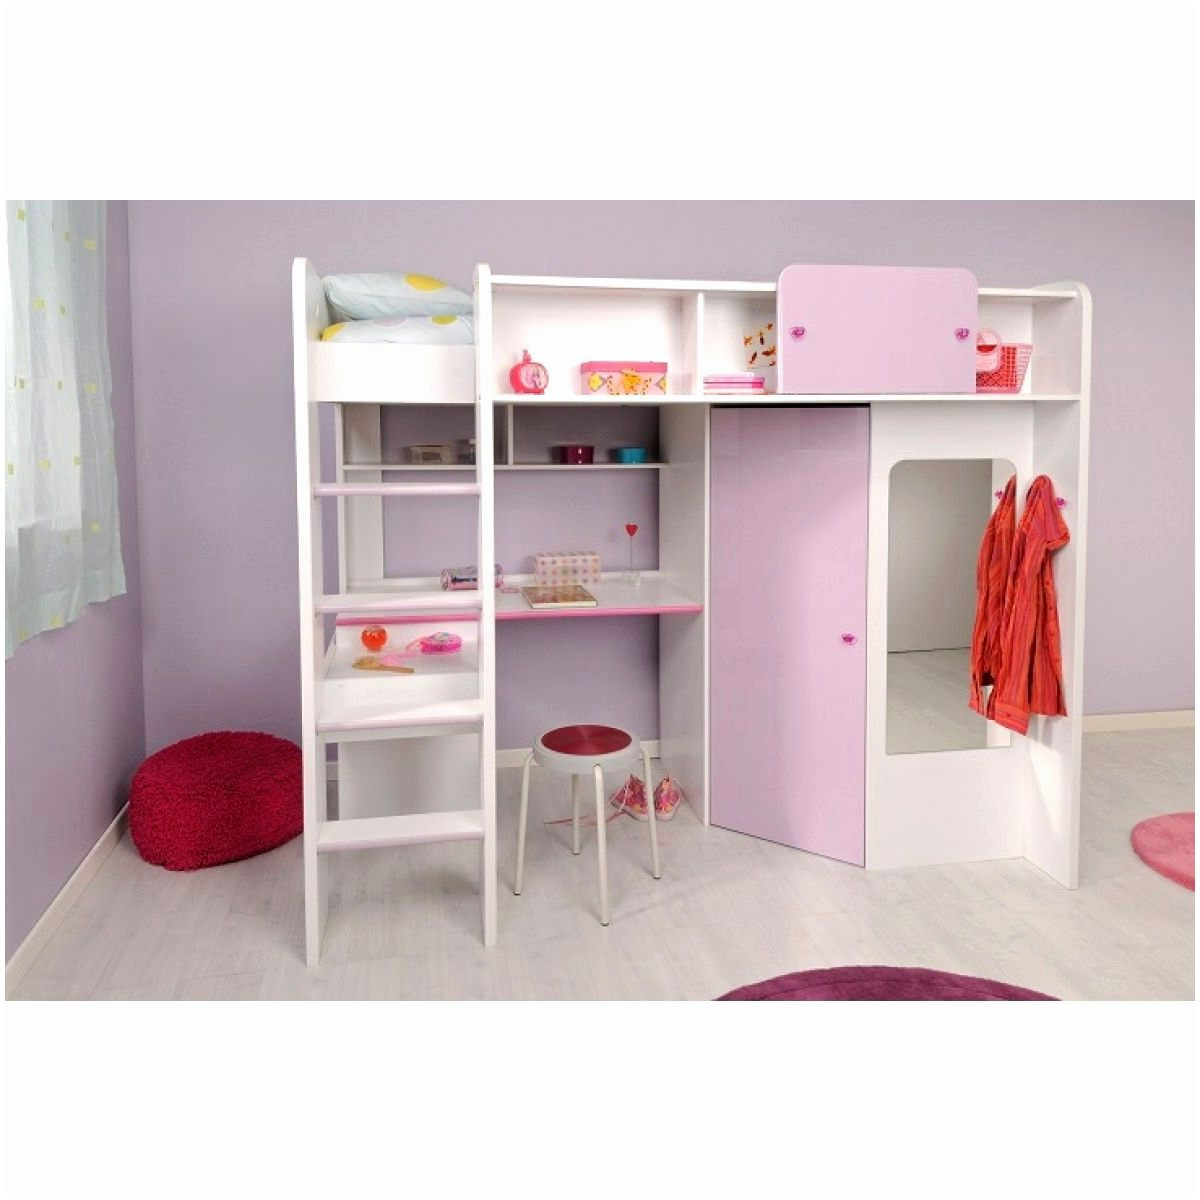 Lit Mi Haut Enfant Unique Lit Mi Haut Enfant Lit Mezzanine Design Lit Mezzanine Design Unique